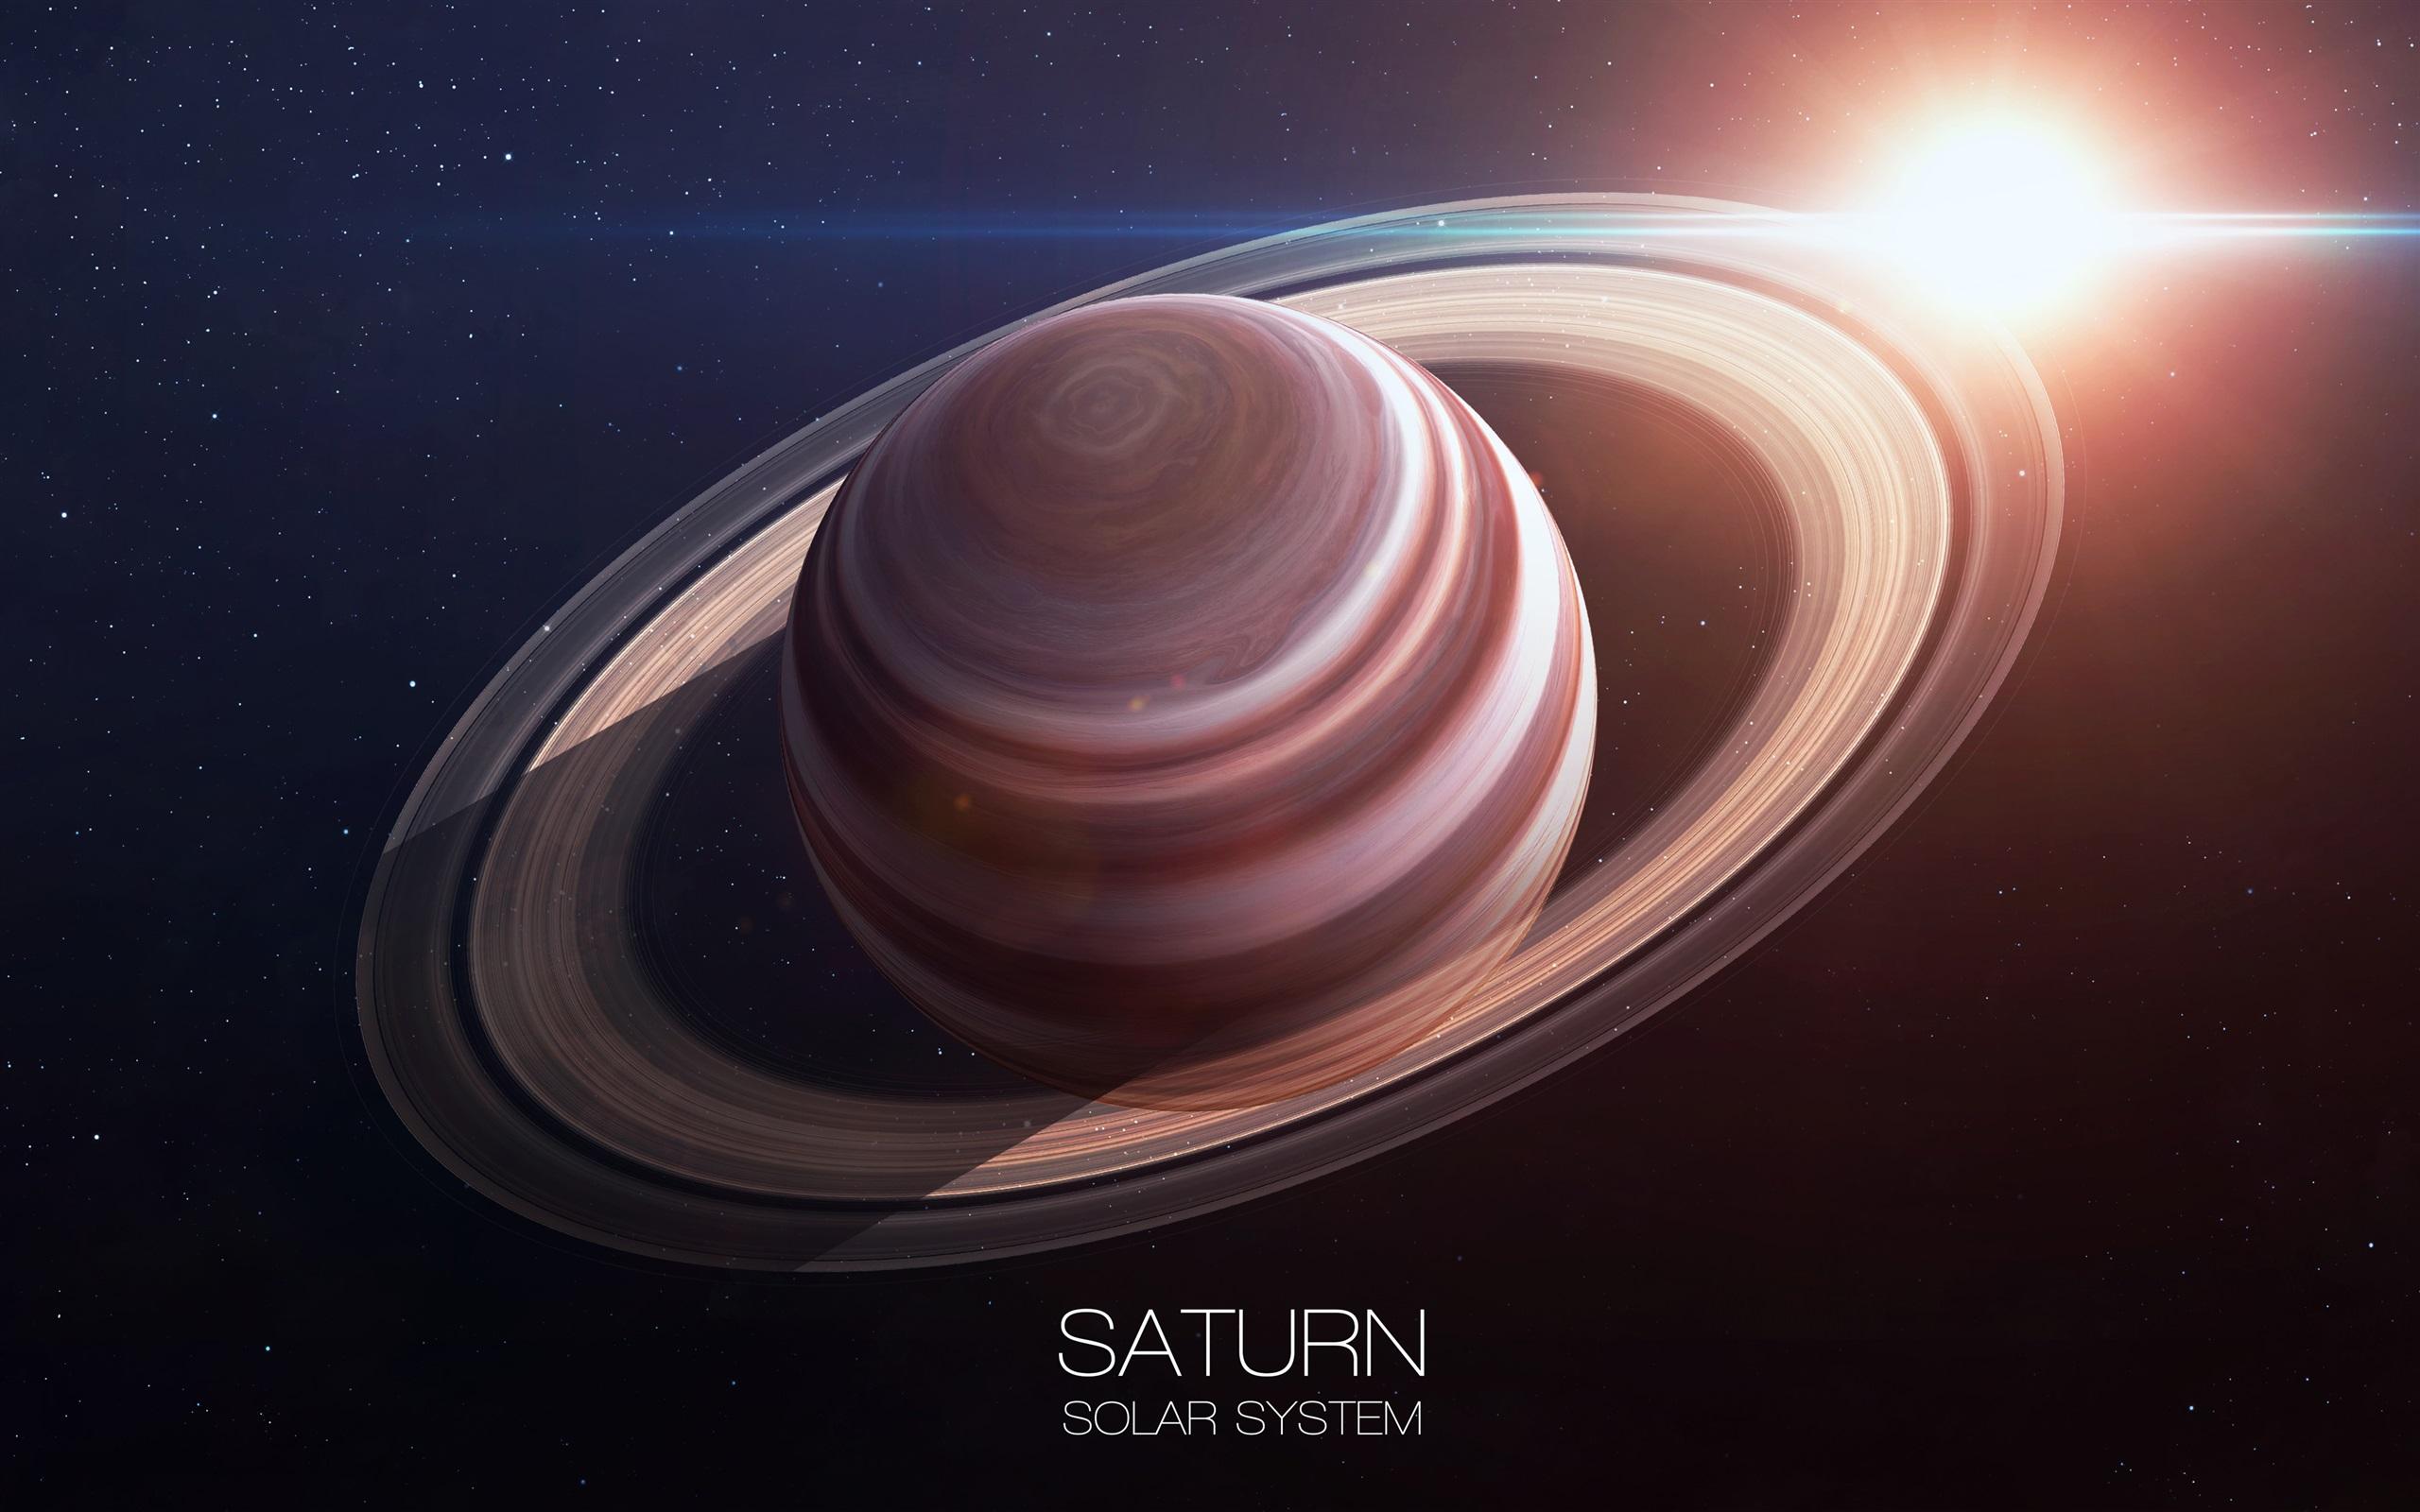 壁紙 土星 リング 惑星 太陽 太陽系 3840x2160 Uhd 4k 無料のデスクトップの背景 画像